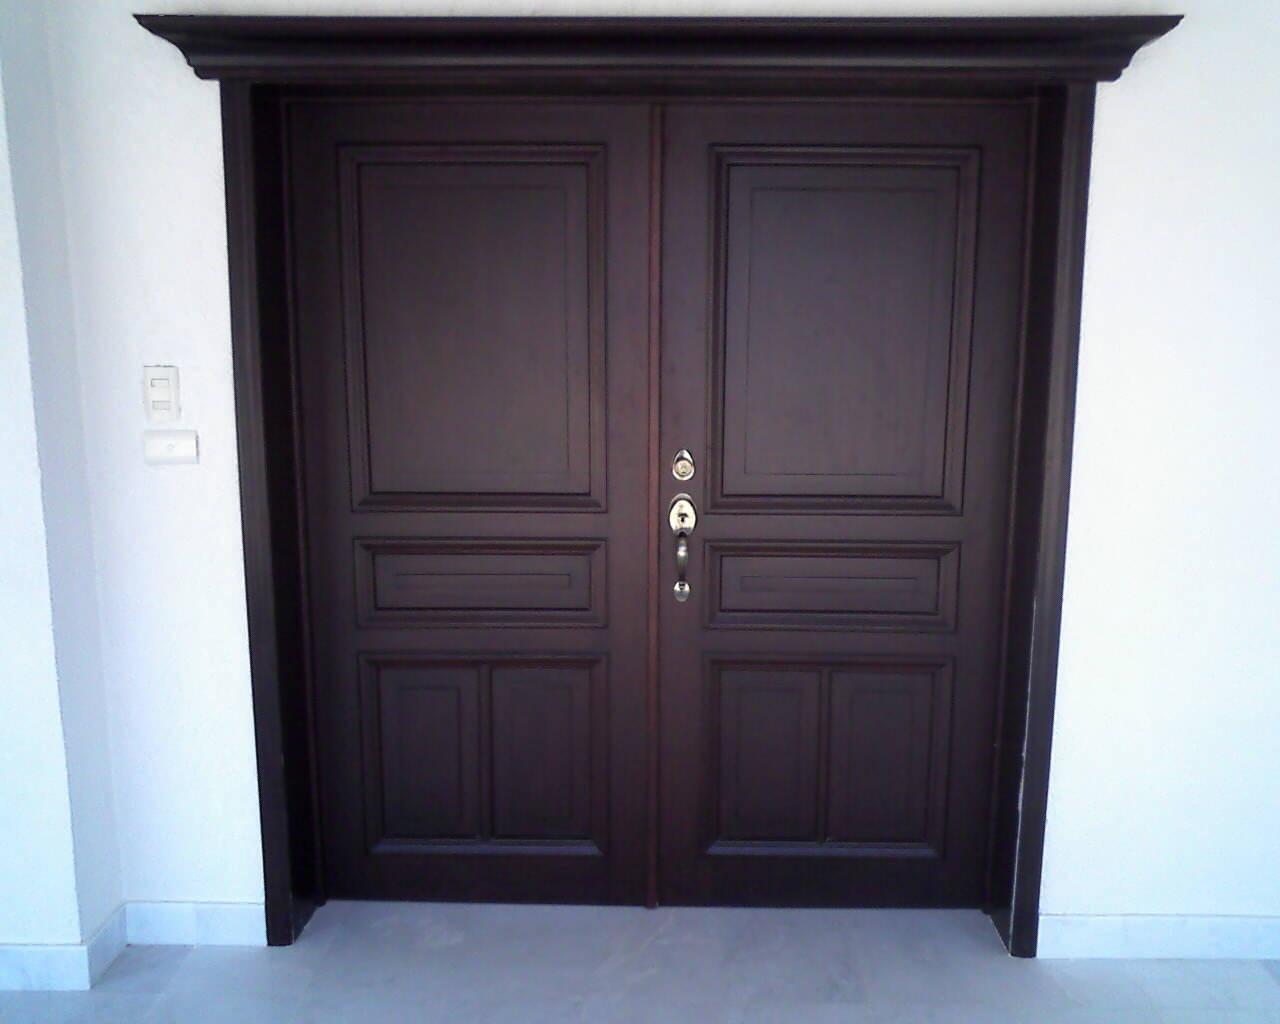 puertas principales On catalogo puertas principales